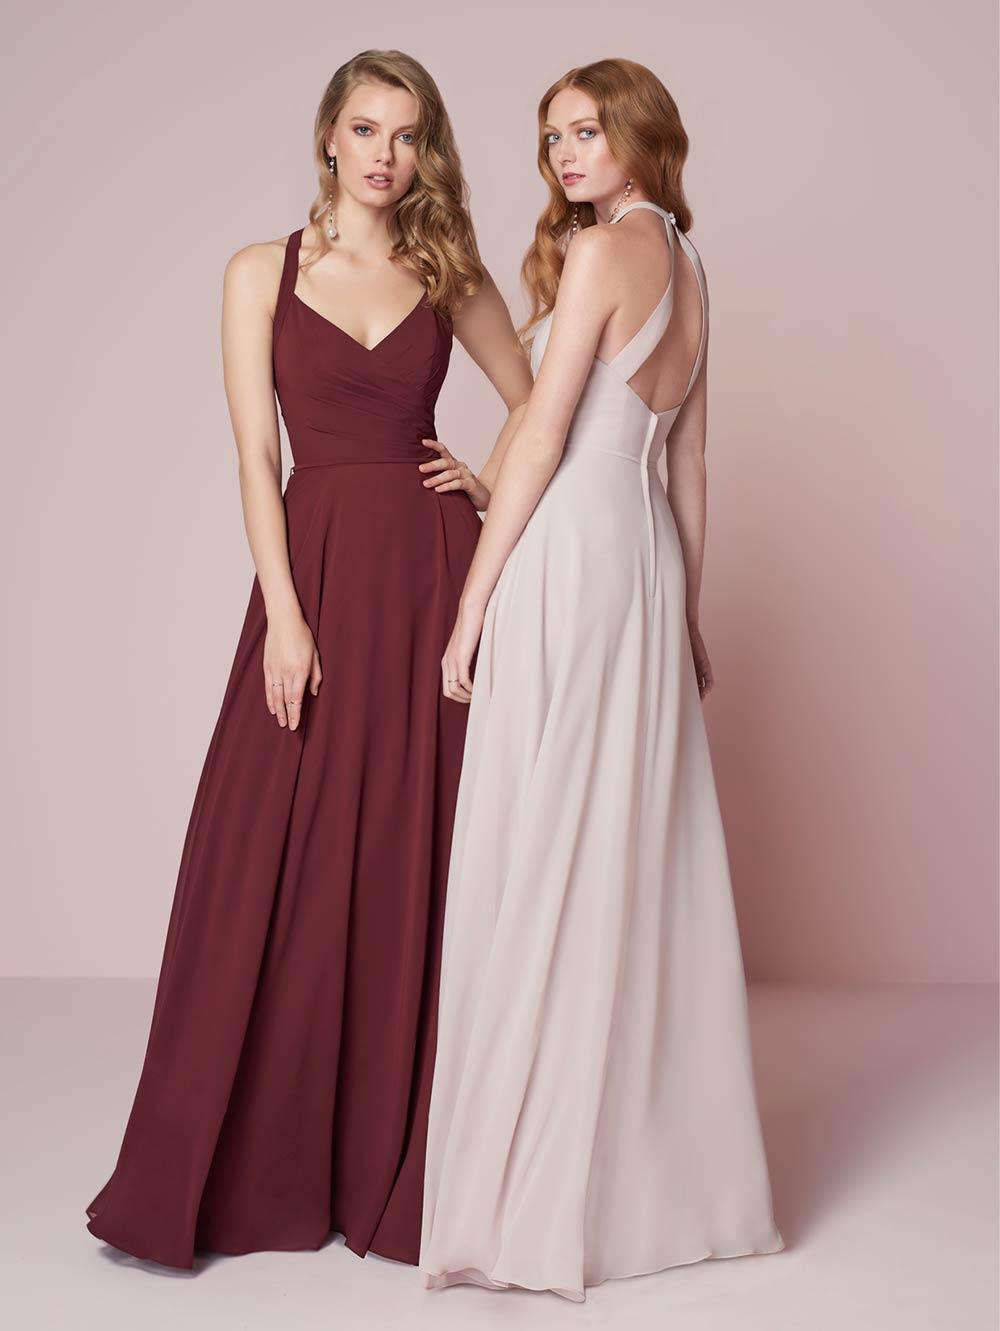 bridesmaid-dresses-jacquelin-bridals-canada-27767